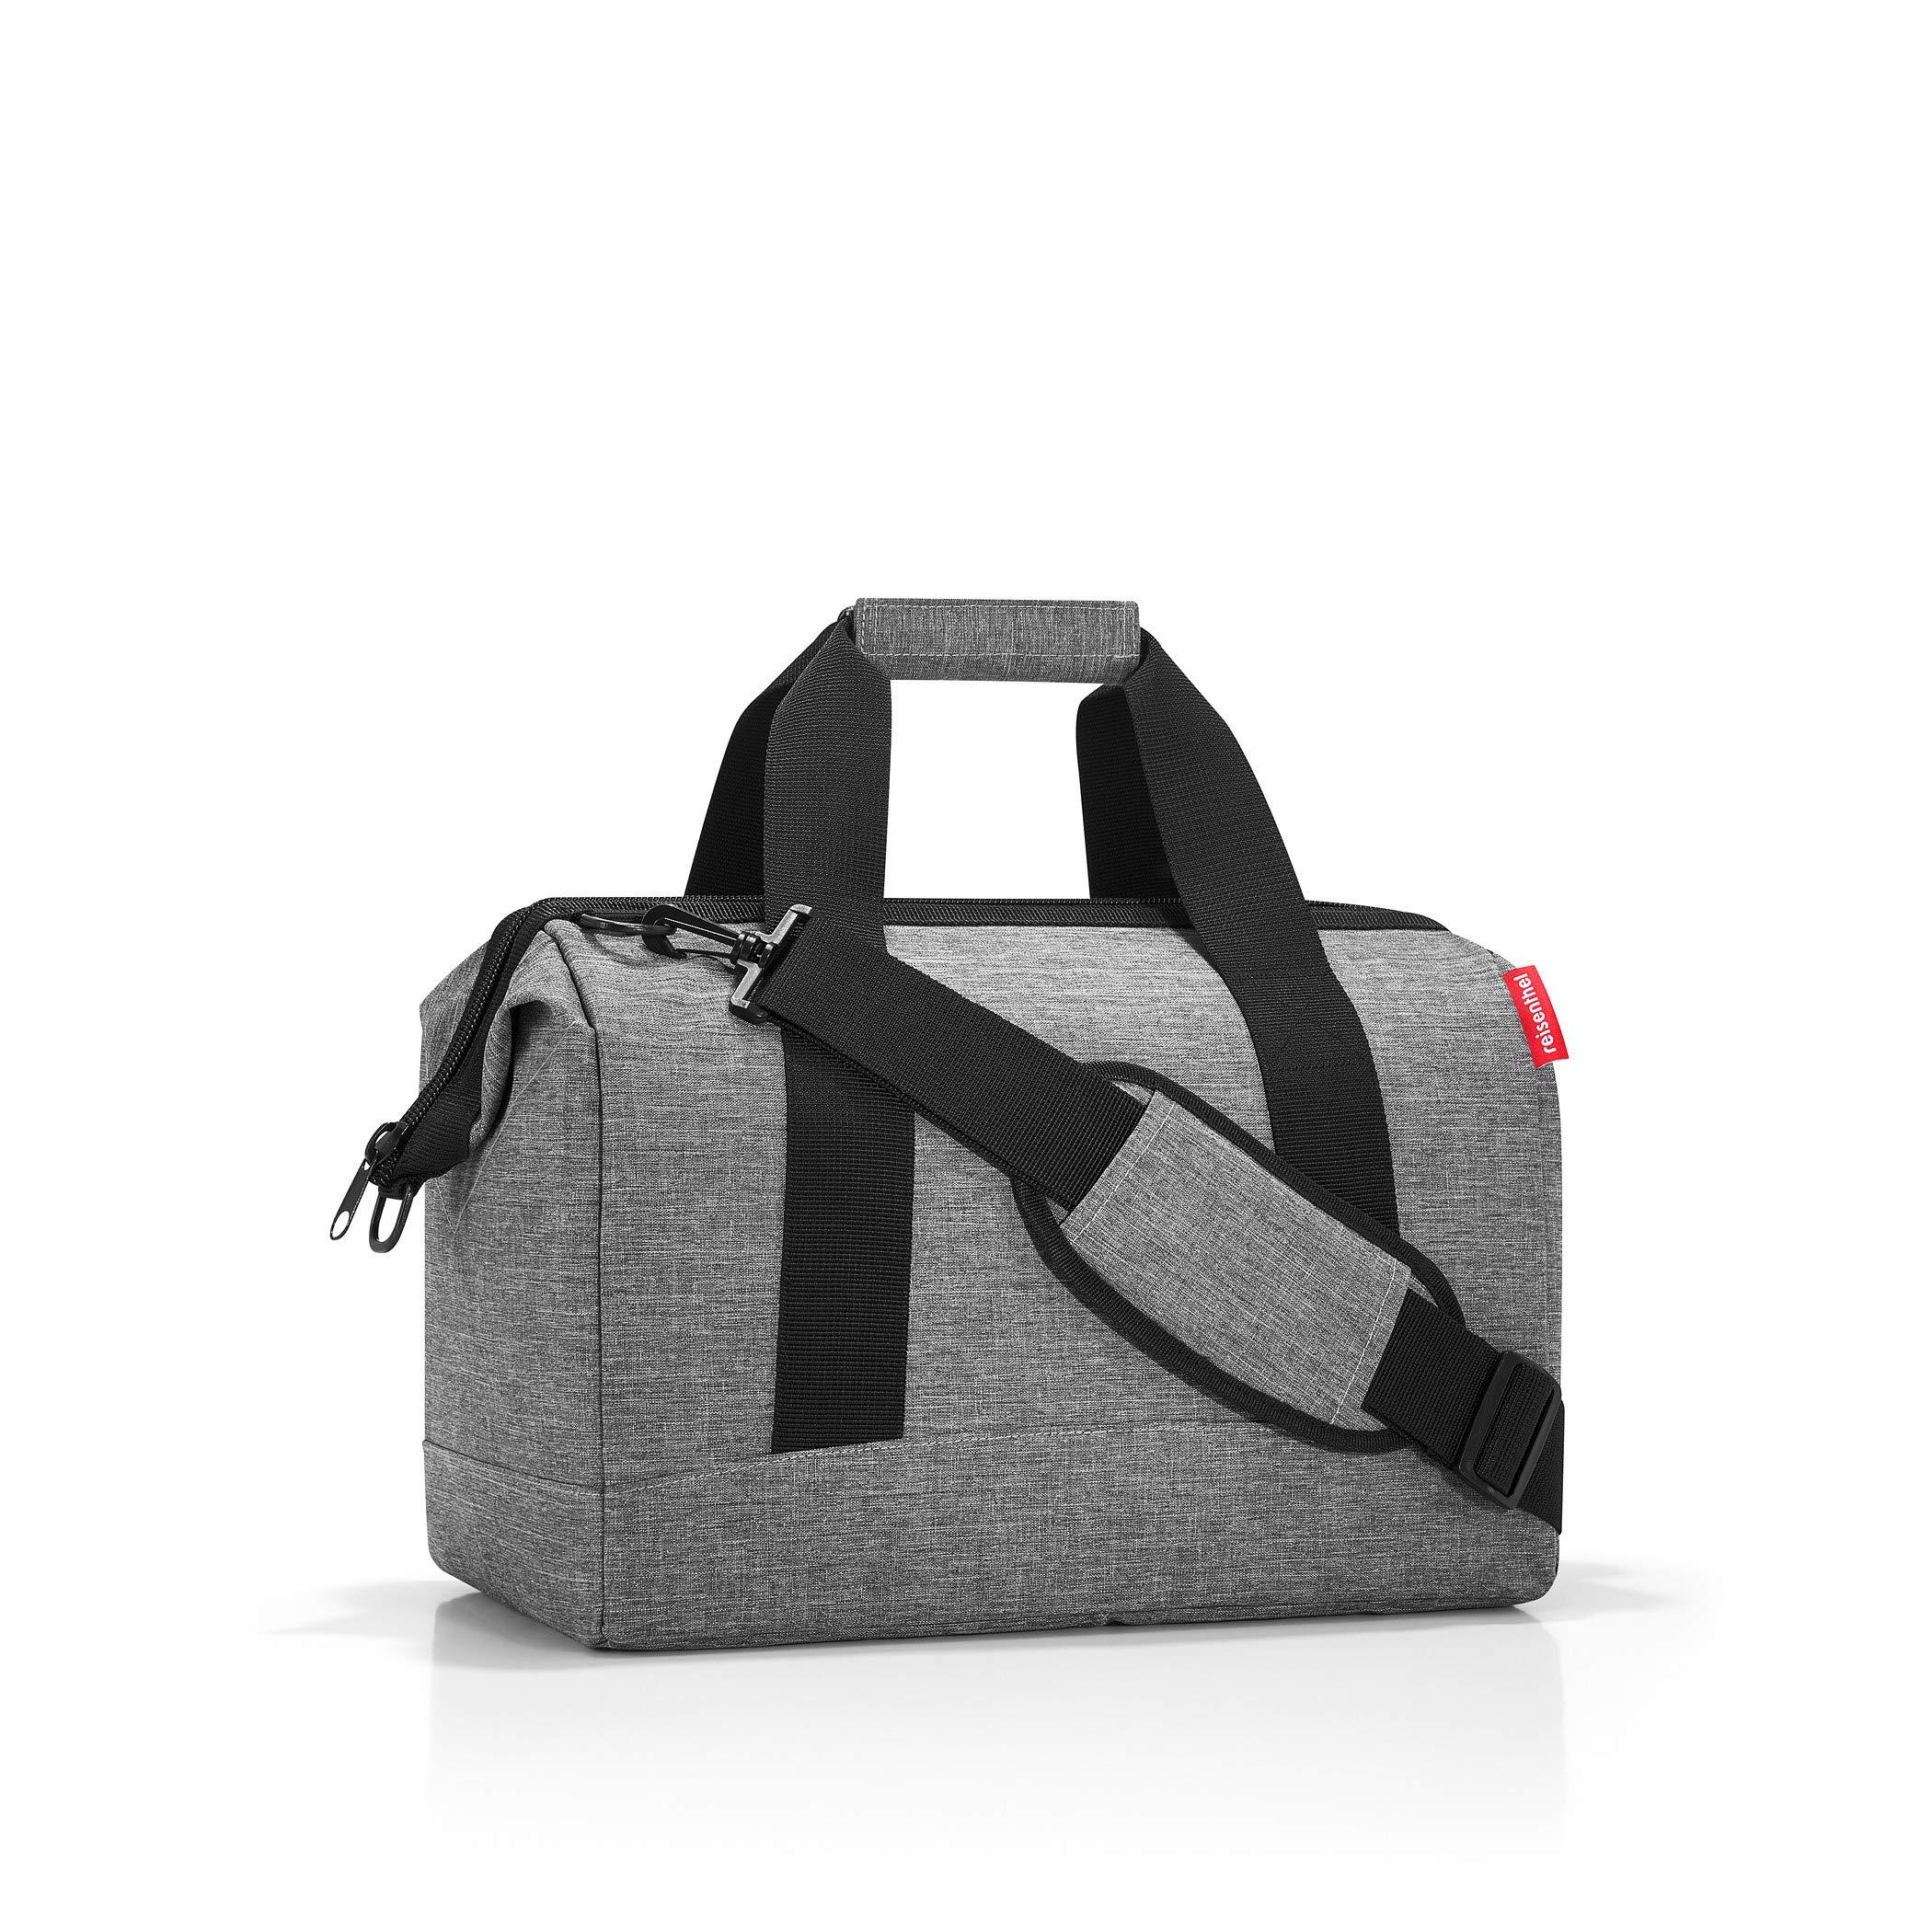 Reisenthel Handtaschen Taschen ALLROUNDER M_7052 twist silver Grau AVT2P